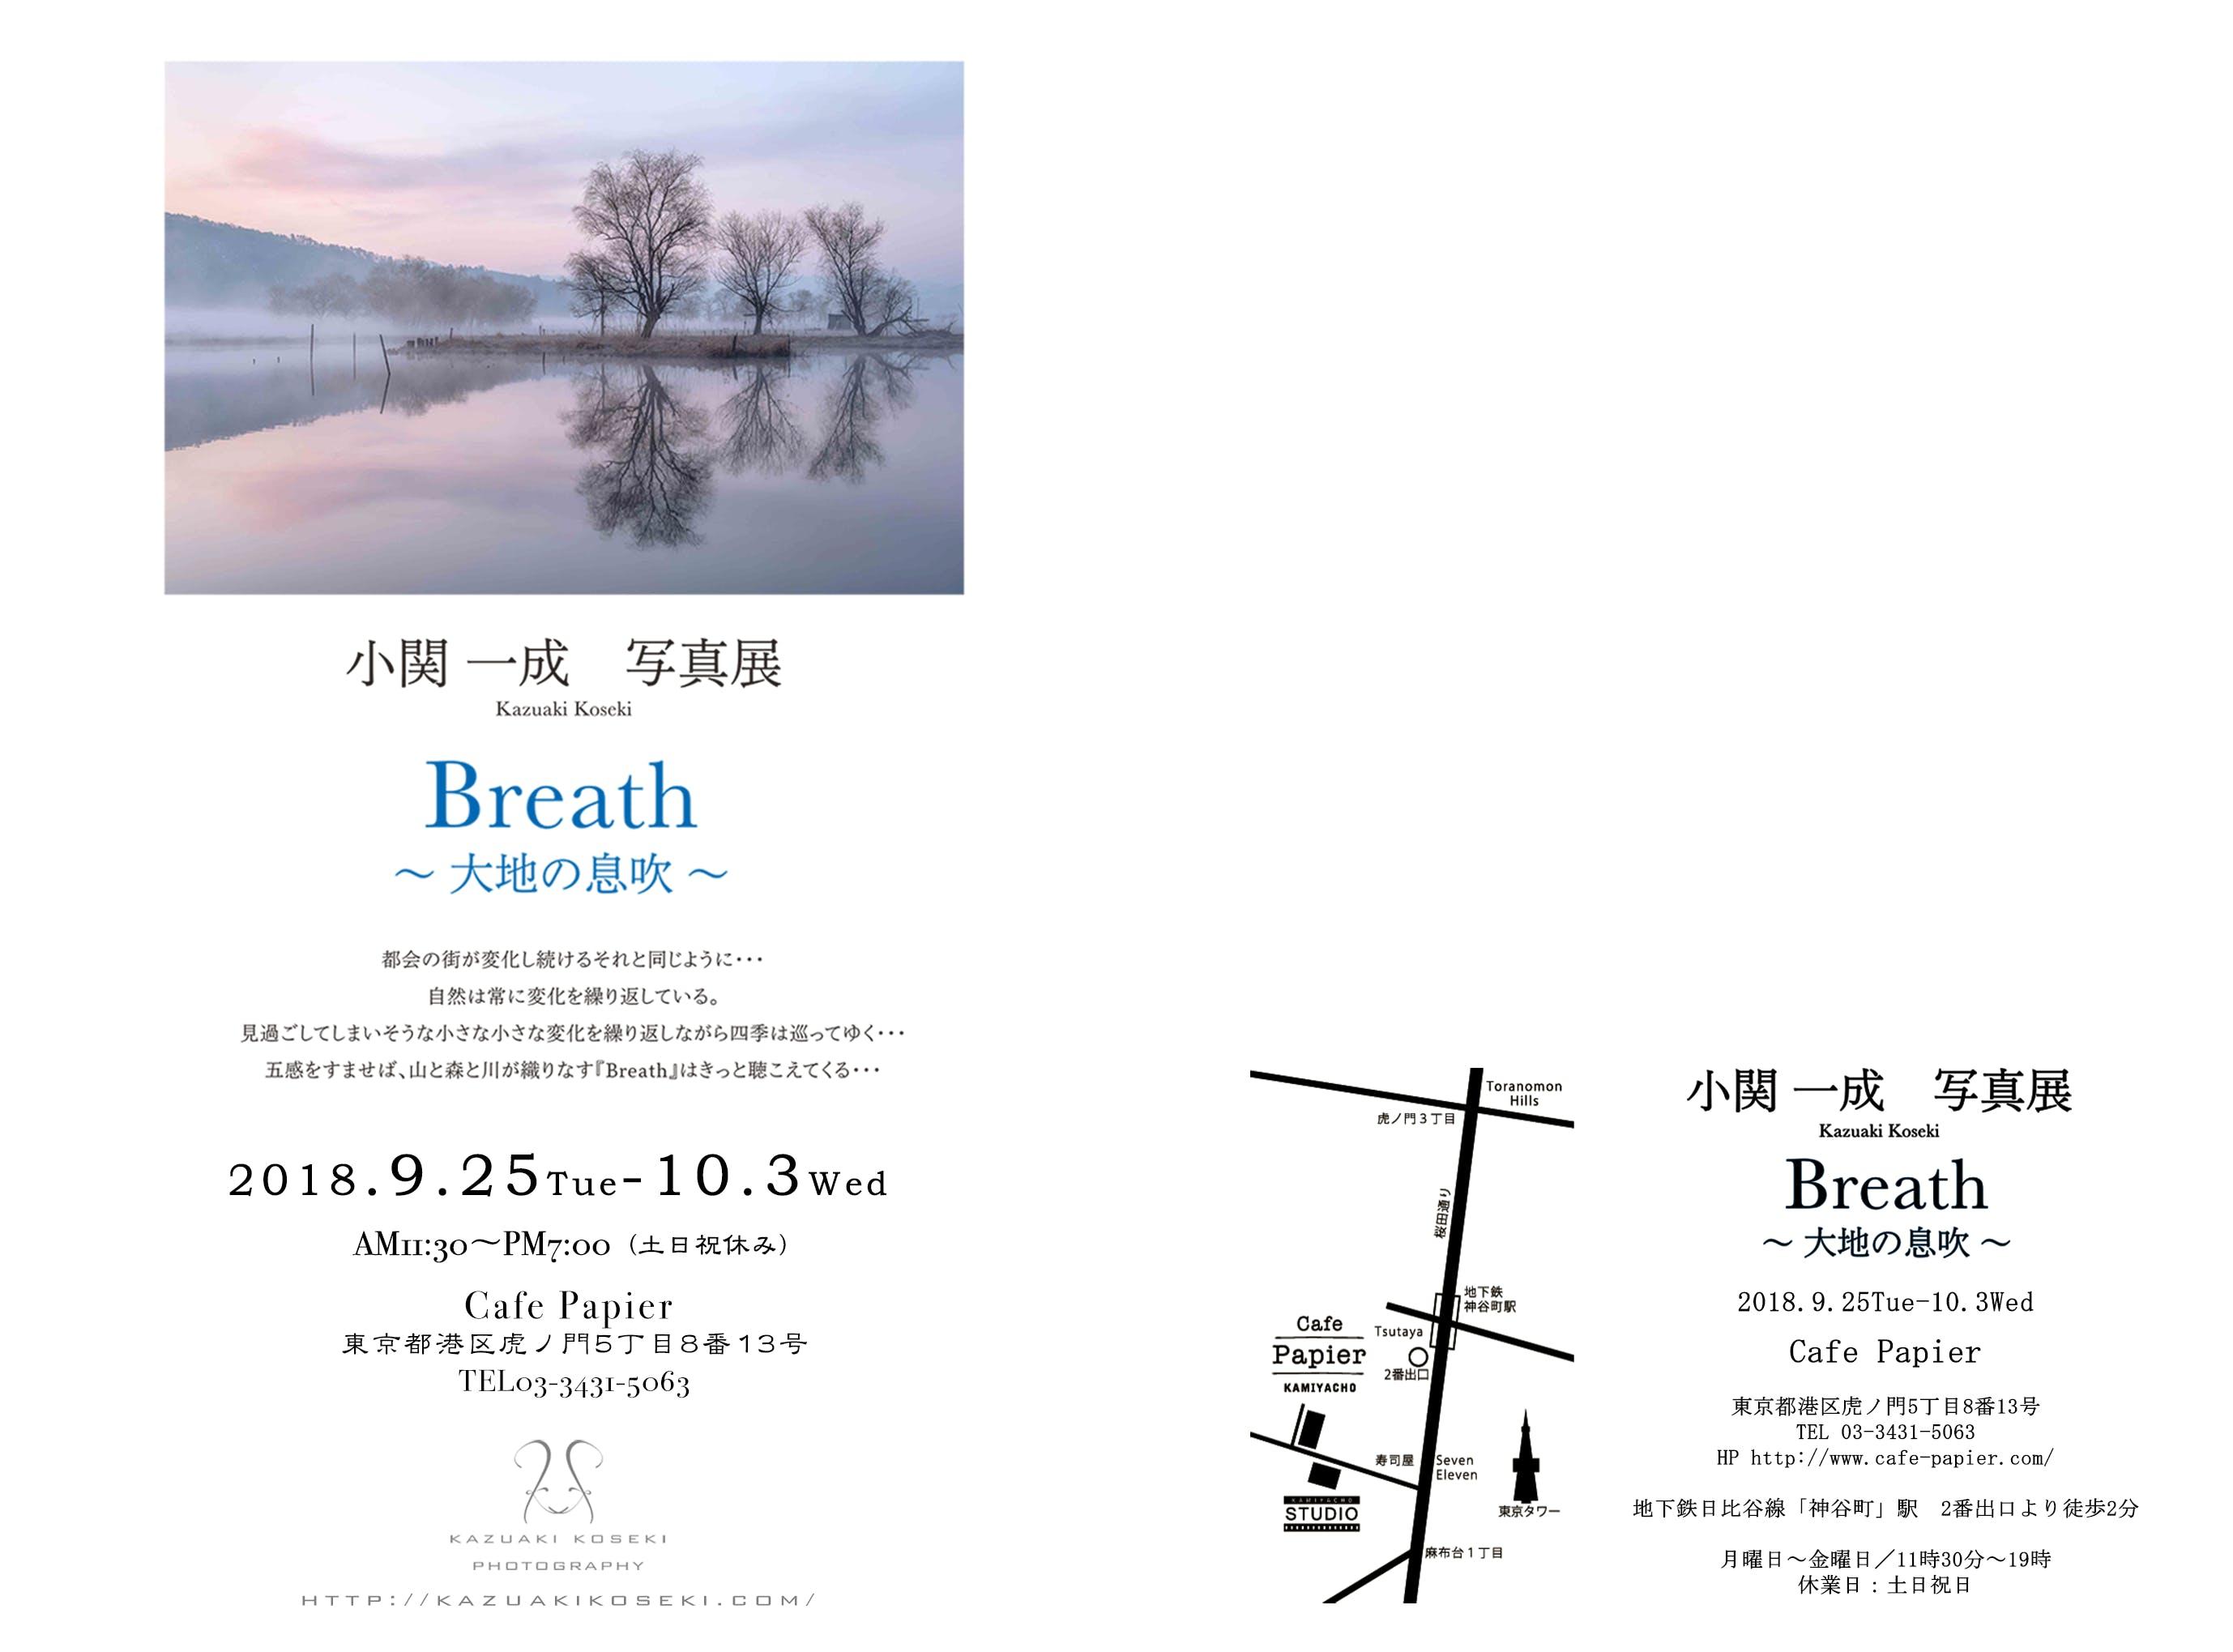 写真展breath3